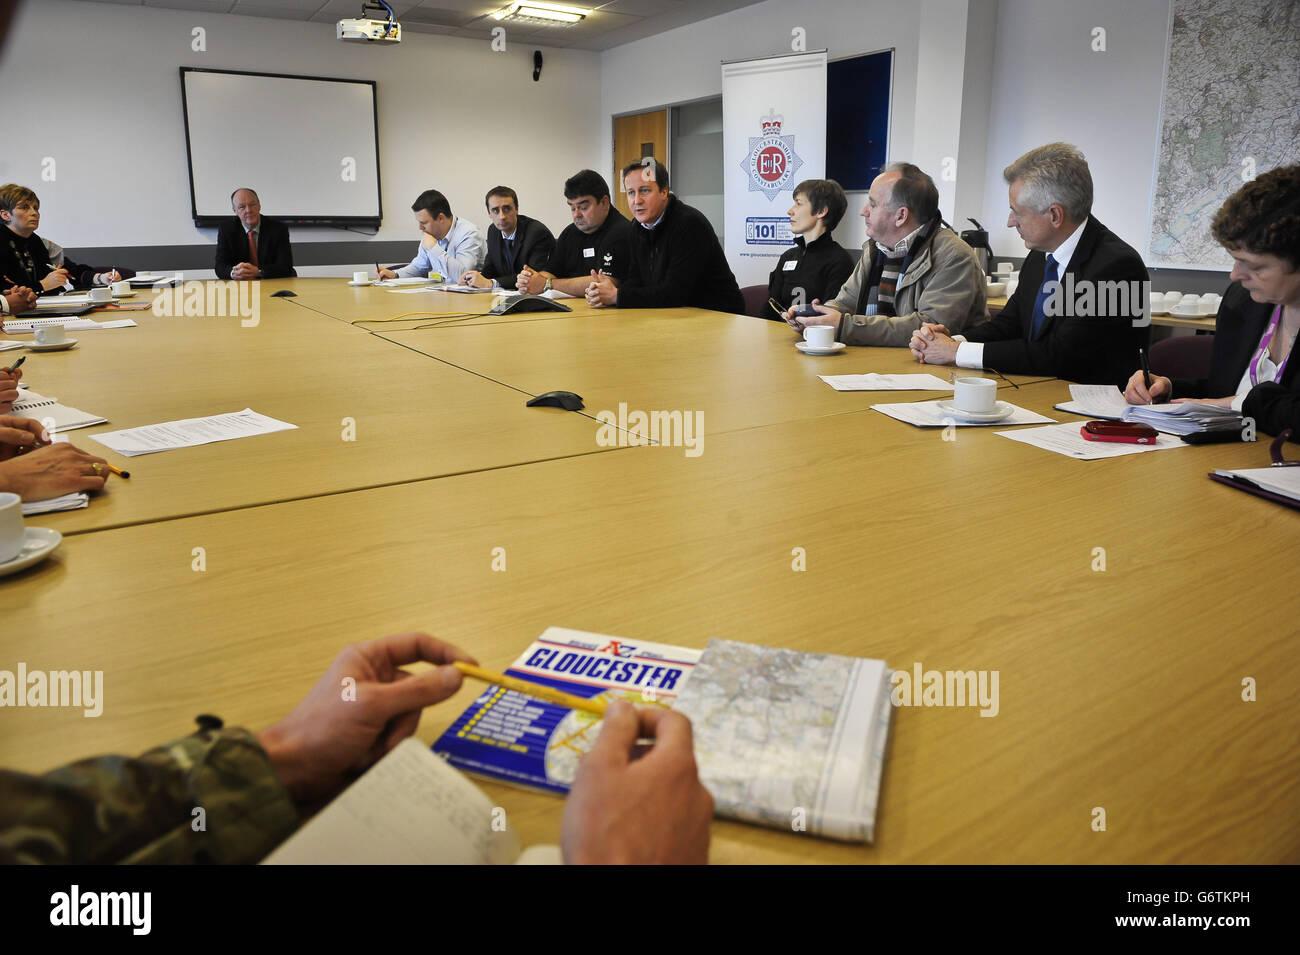 Le Premier ministre David Cameron (5e à droite) rencontre des représentants de plusieurs organismes au Silver Command de Gloucester pour discuter des mesures d'inondation et du travail dans la collectivité. Banque D'Images